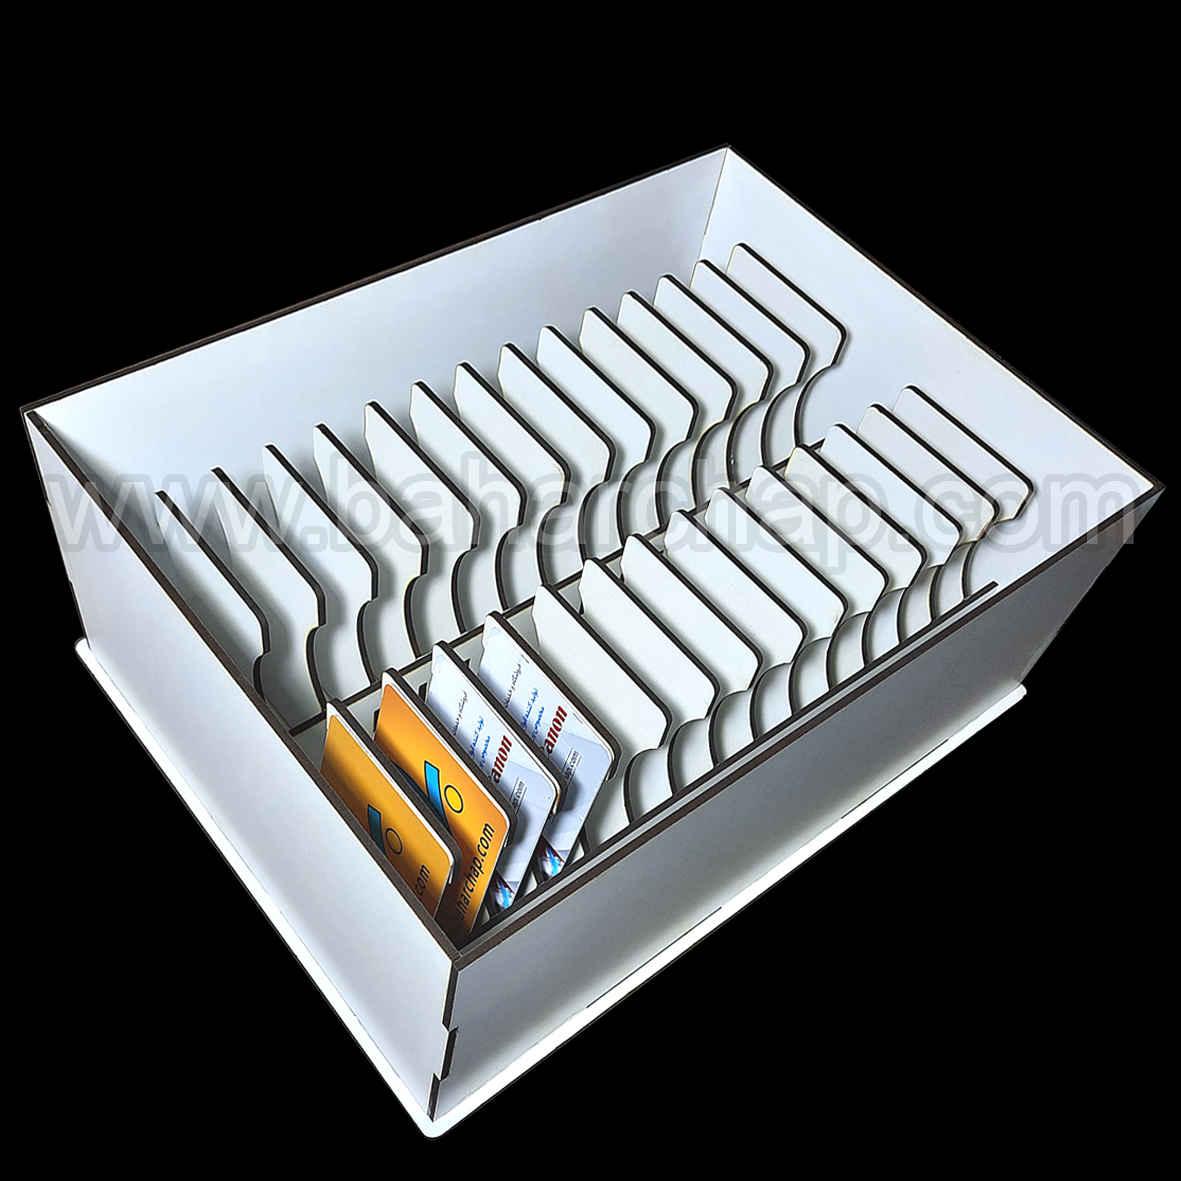 فروشگاه و خدمات اینترنتی بهارچاپ اصفهان-باکس نگهدارنده و خشک کن کارت PVC- PVC Card dryer box for inkjet printer